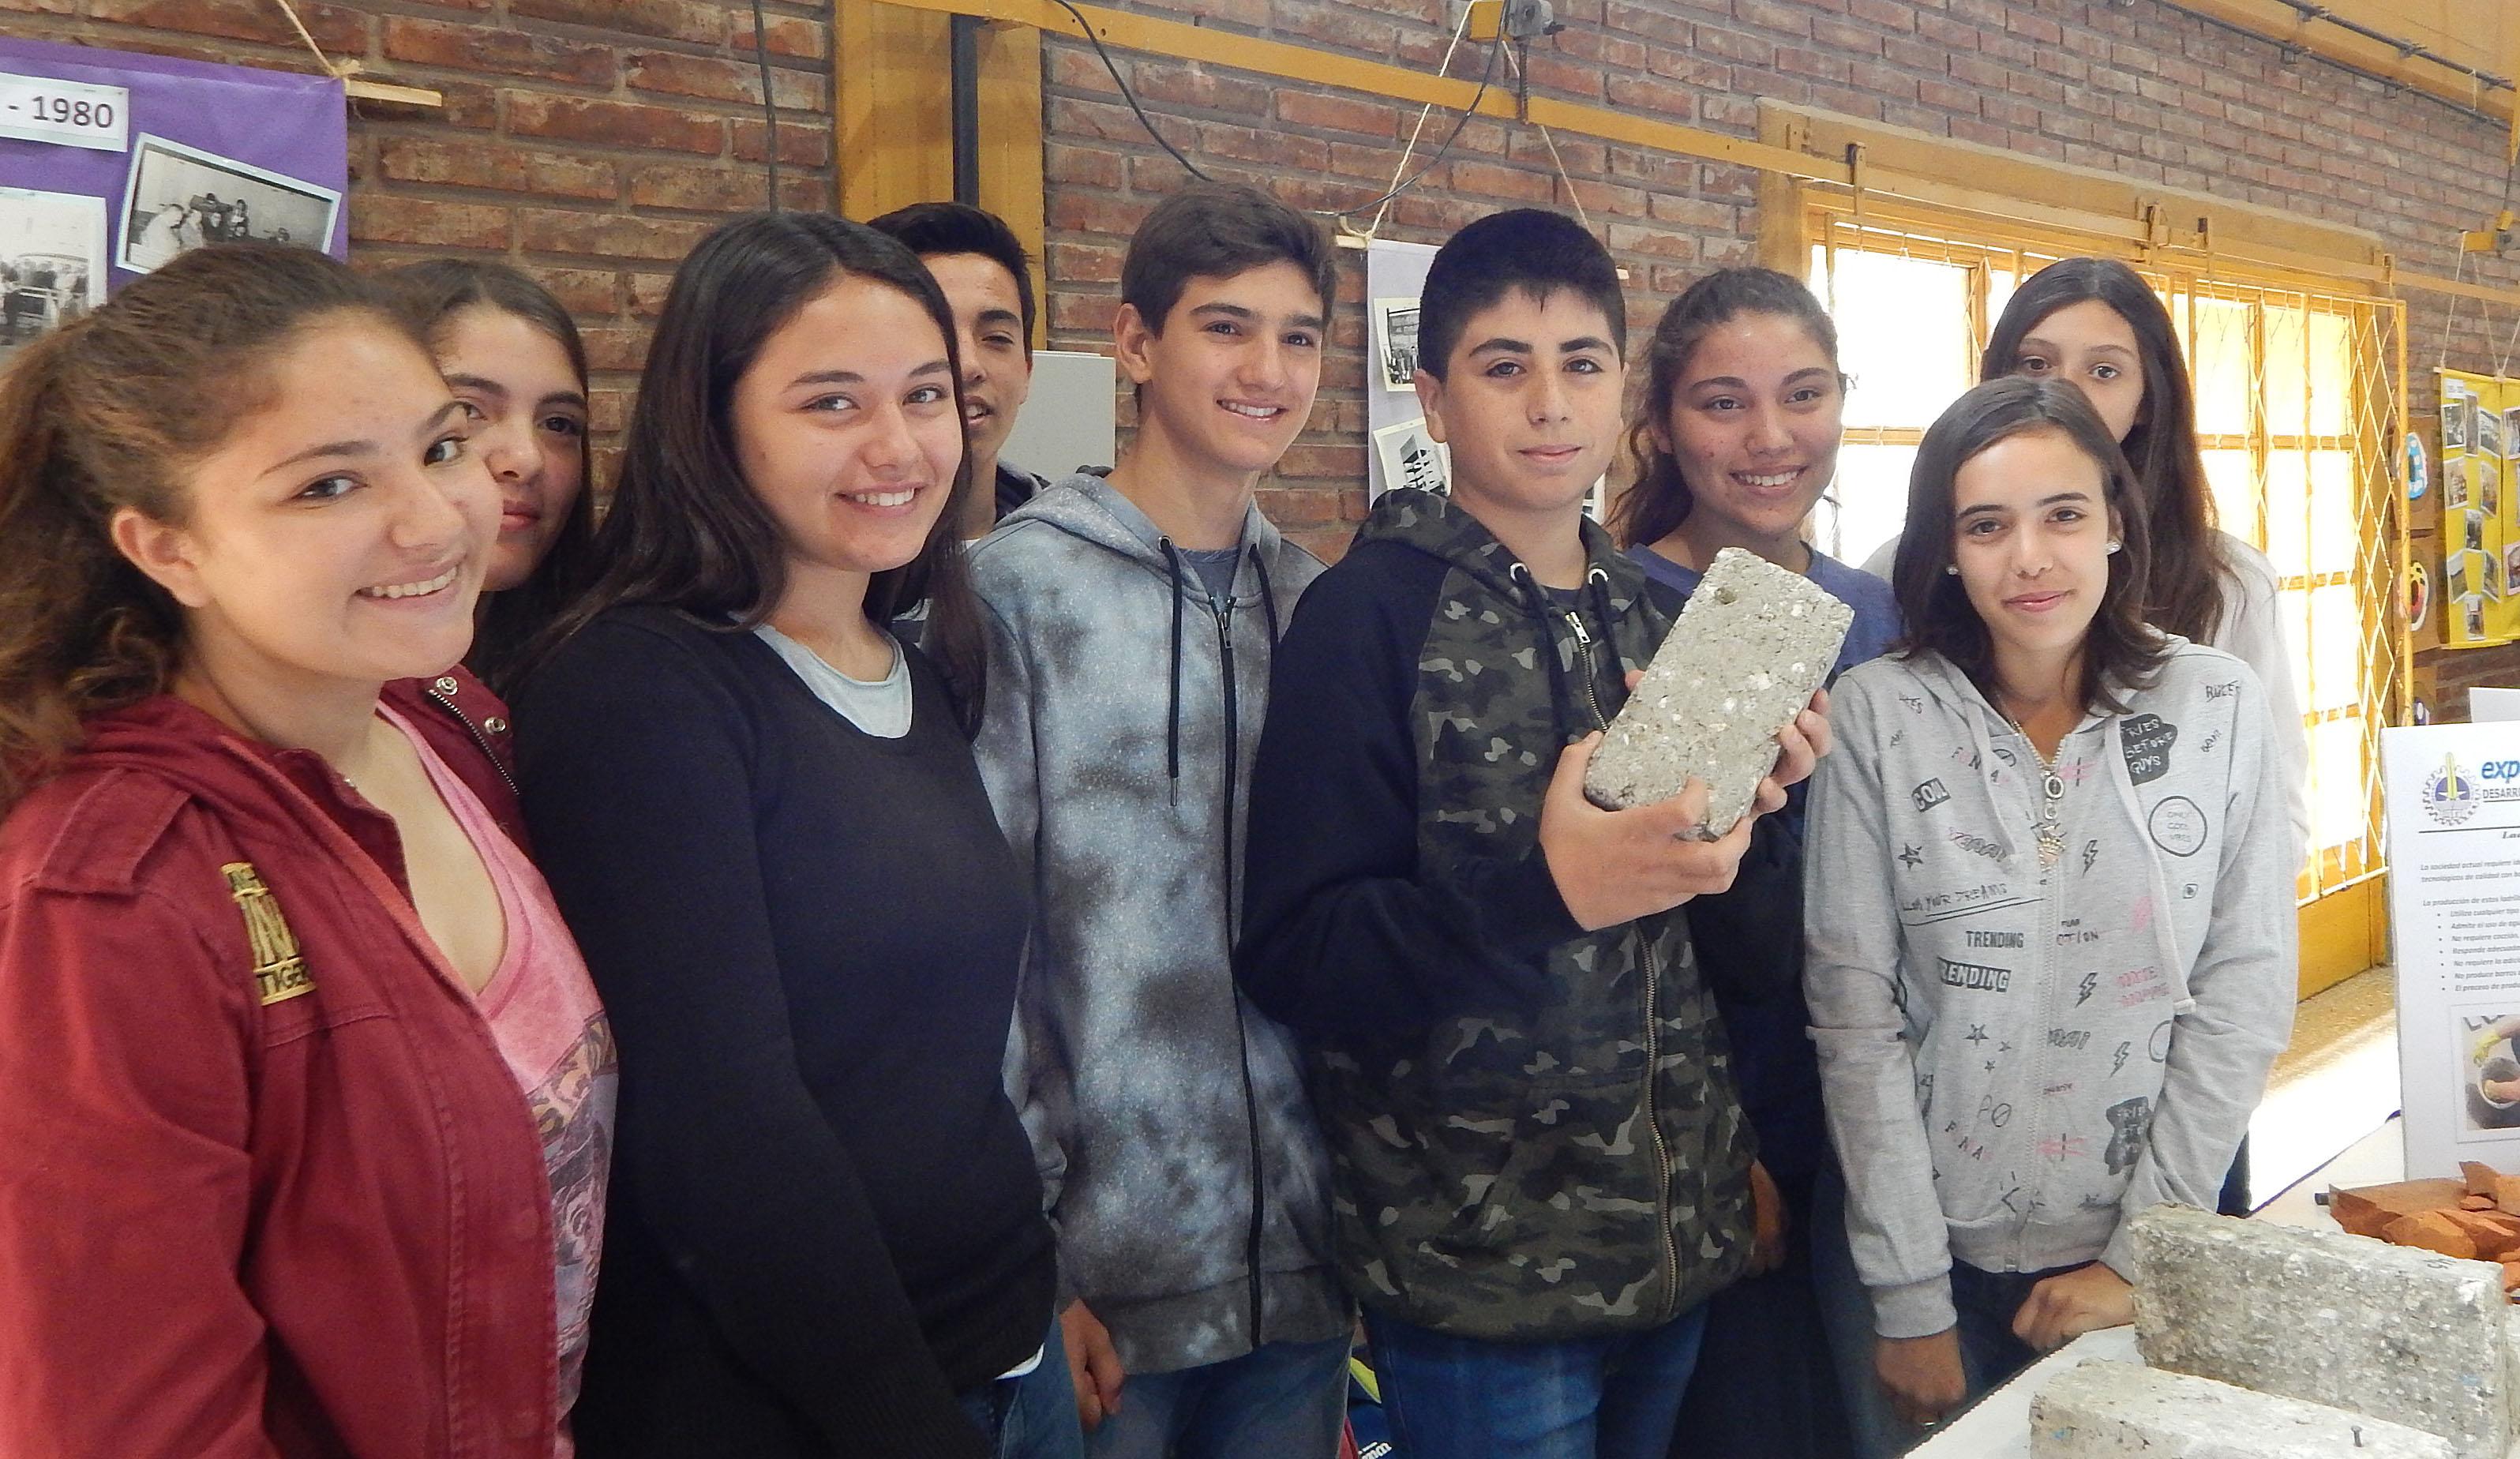 Expo Técnica 2017: Alumnos de la Escuela Técnica innovaron en ladrillos de papel